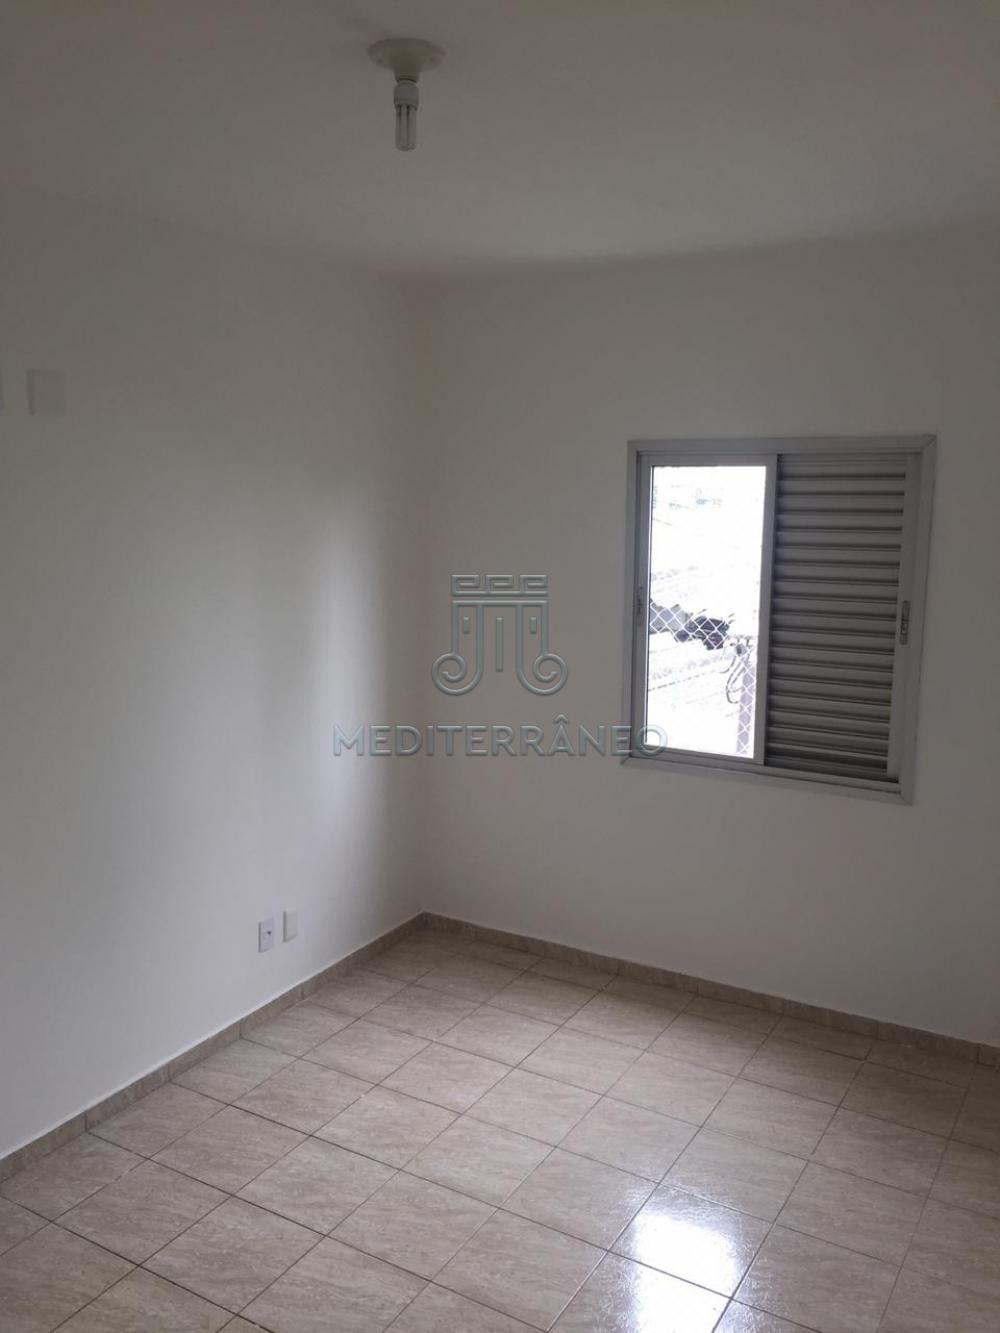 Alugar Apartamento / Padrão em Jundiaí apenas R$ 1.450,00 - Foto 15